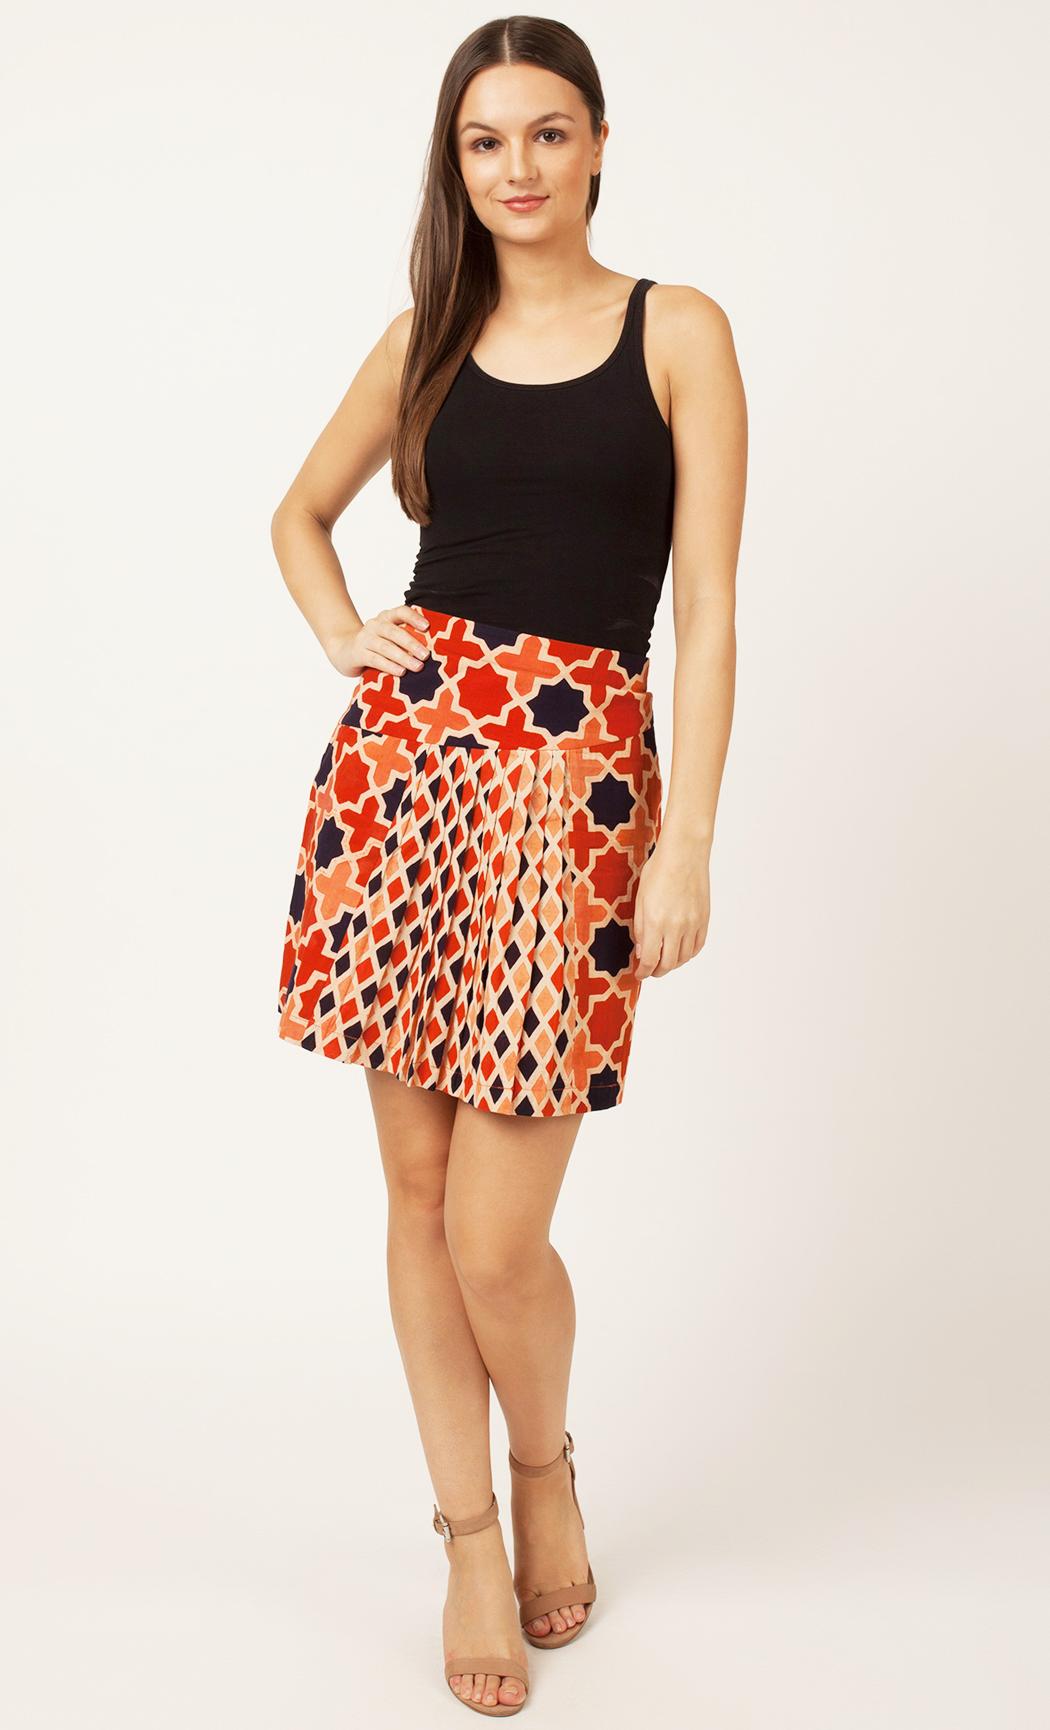 Rust Printed Skirt. Buy Online